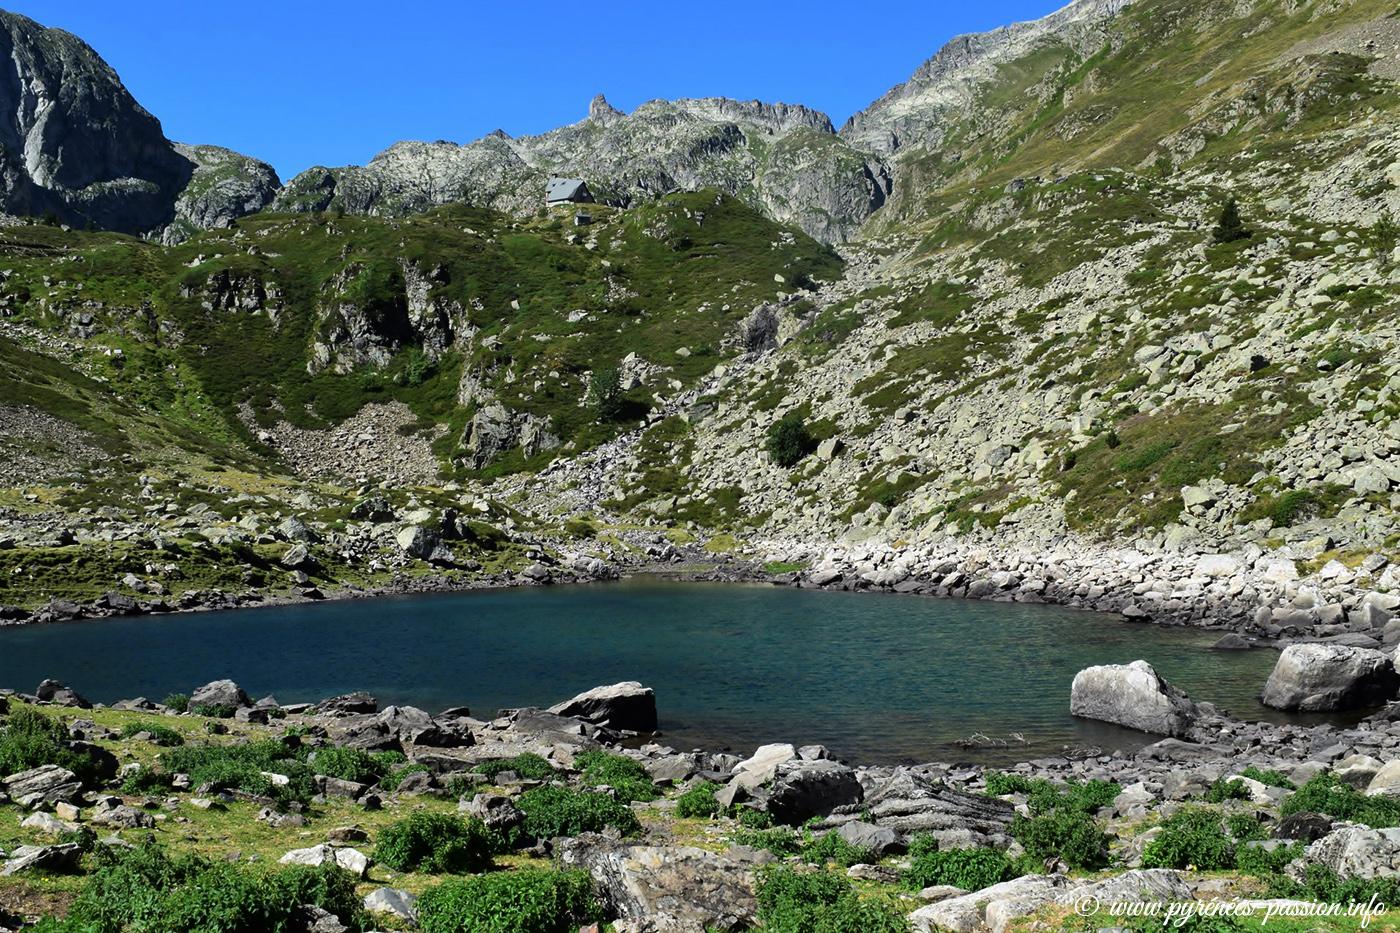 Le lac Noir d'Ilhéou - Cauterets - Hautes-Pyrénées